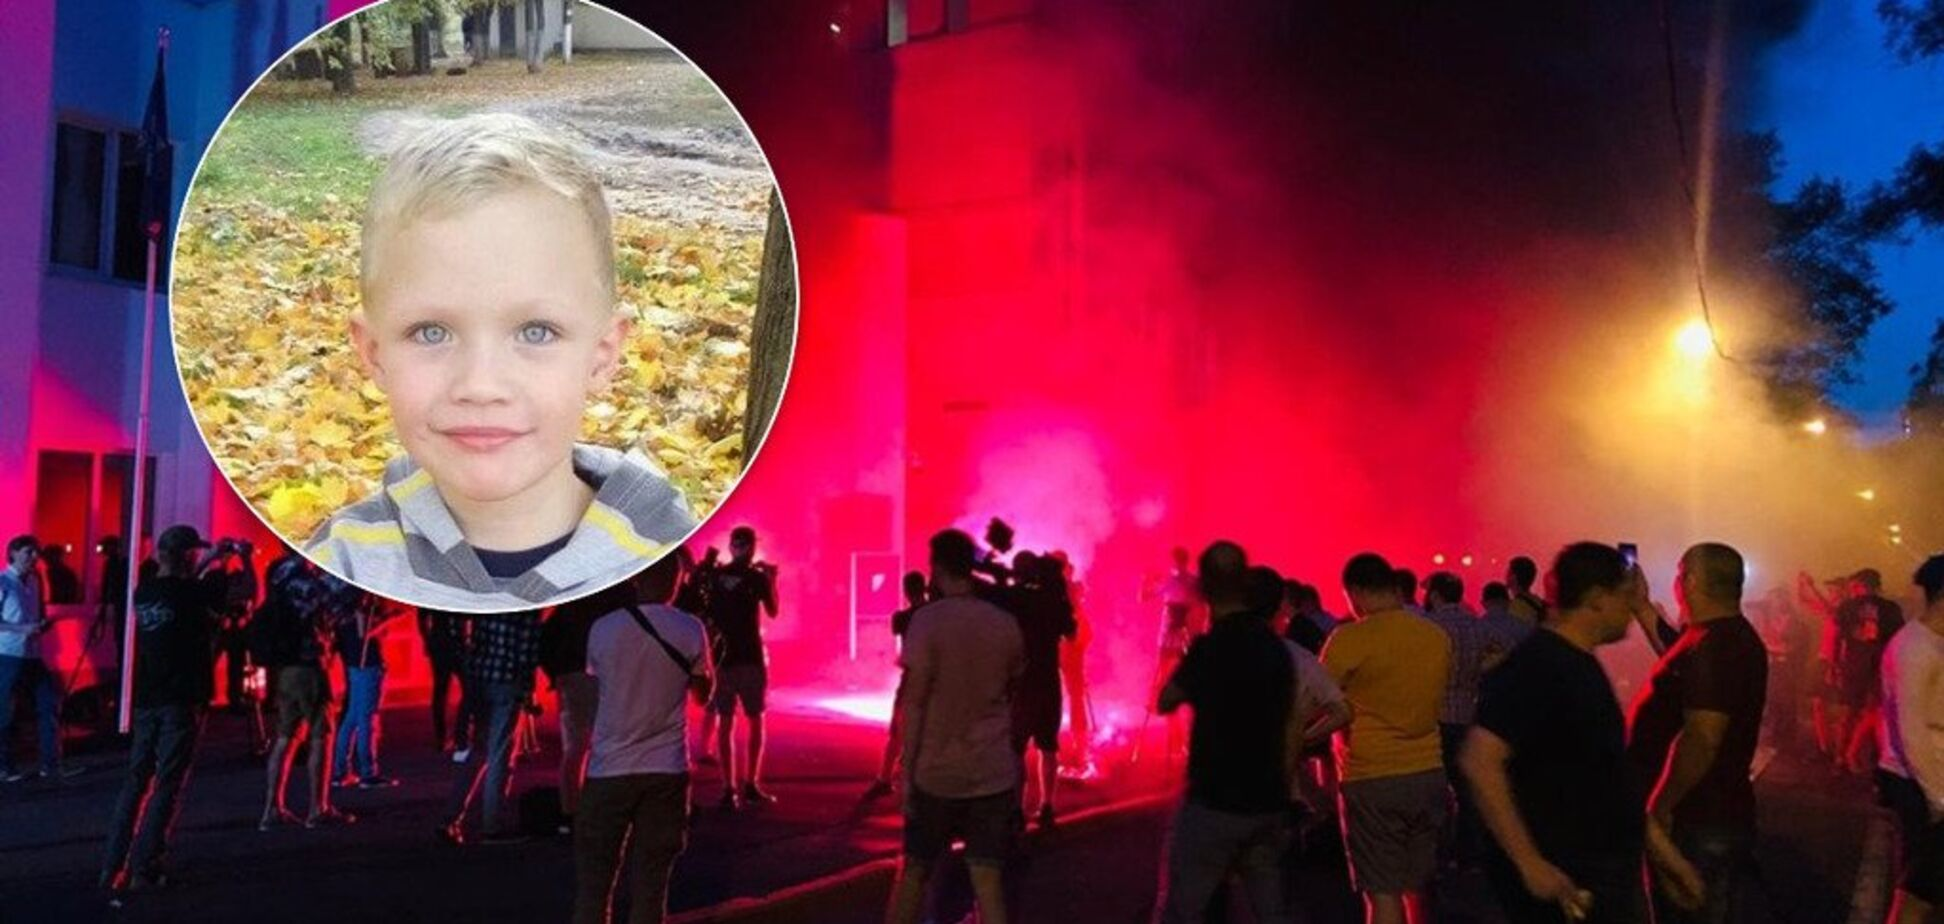 Полицейские убили ребенка: под стенами МВД в Киеве устроили бунт. Фото и видео